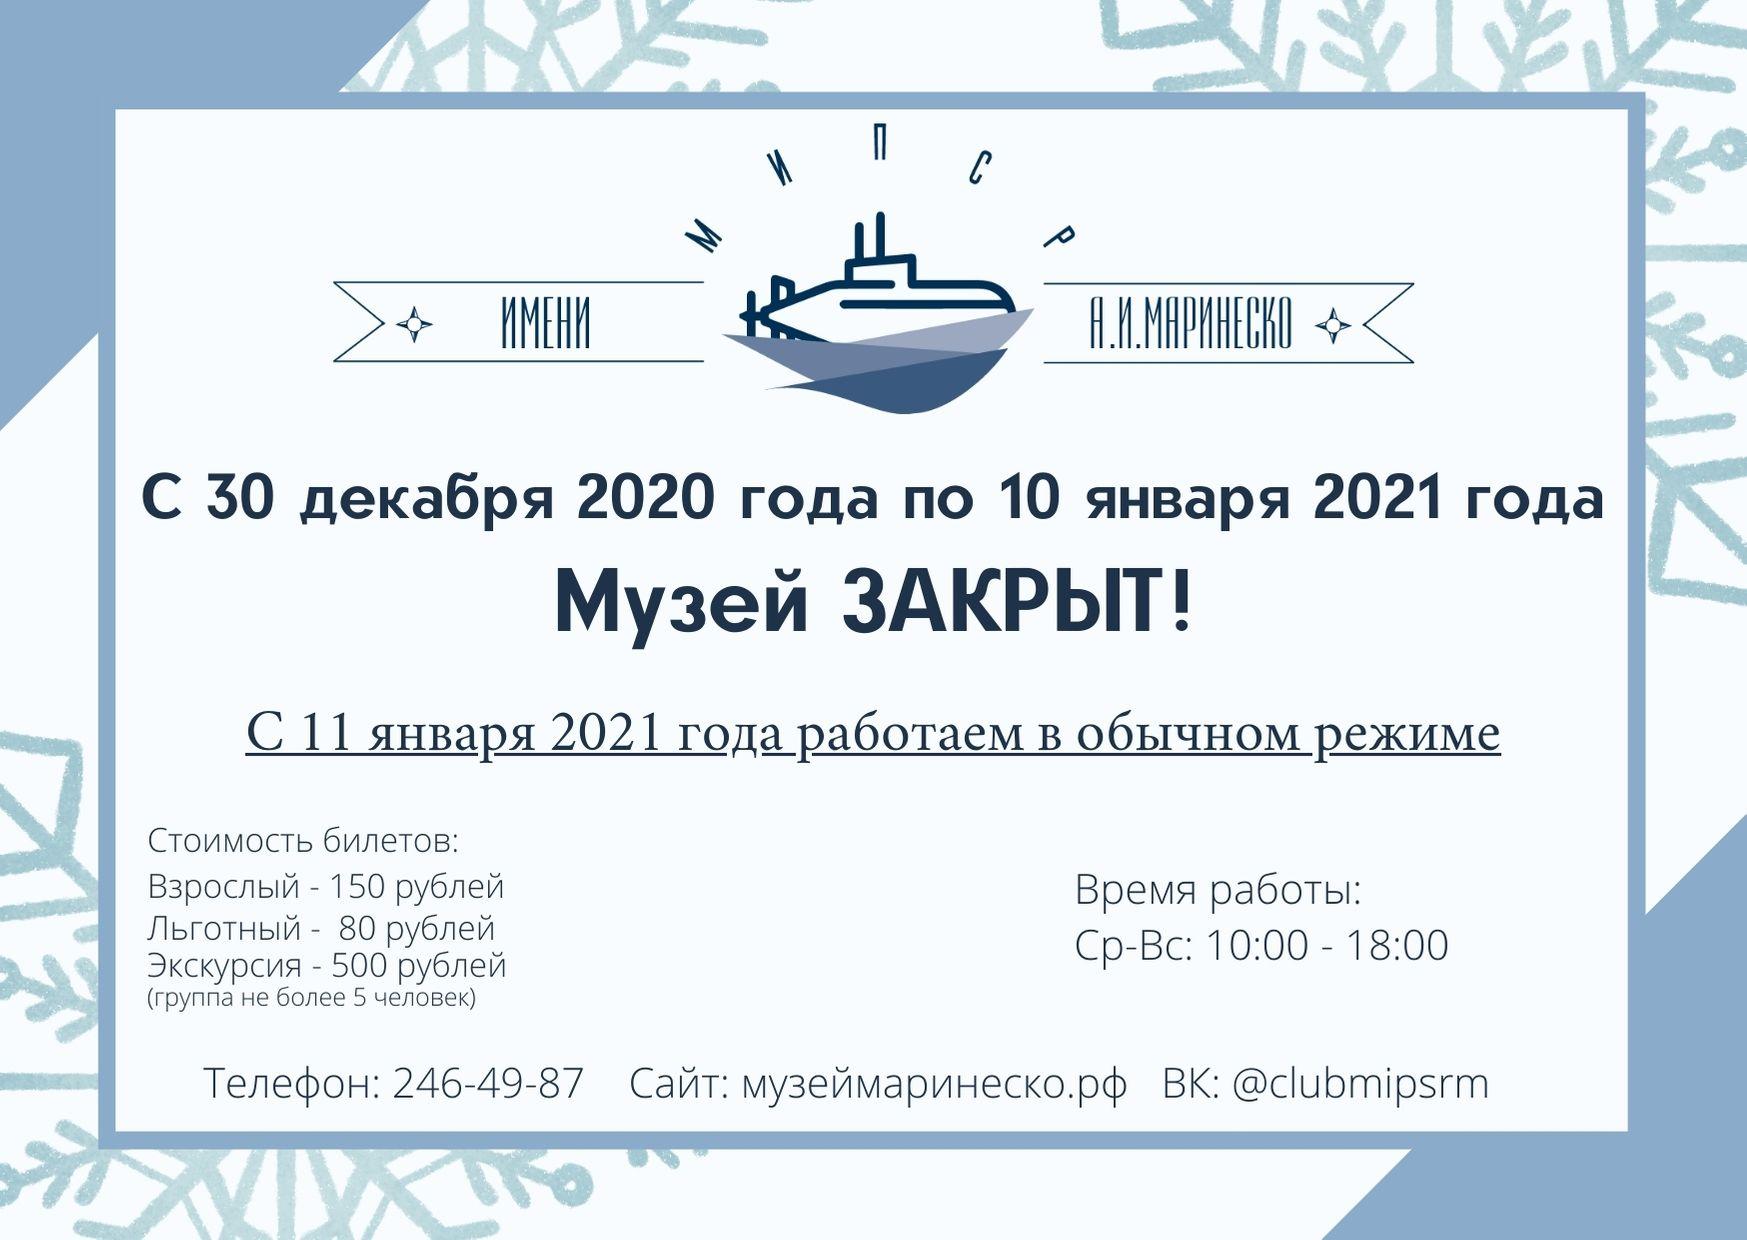 С 30 декабря по 10 января Музей закрыт!